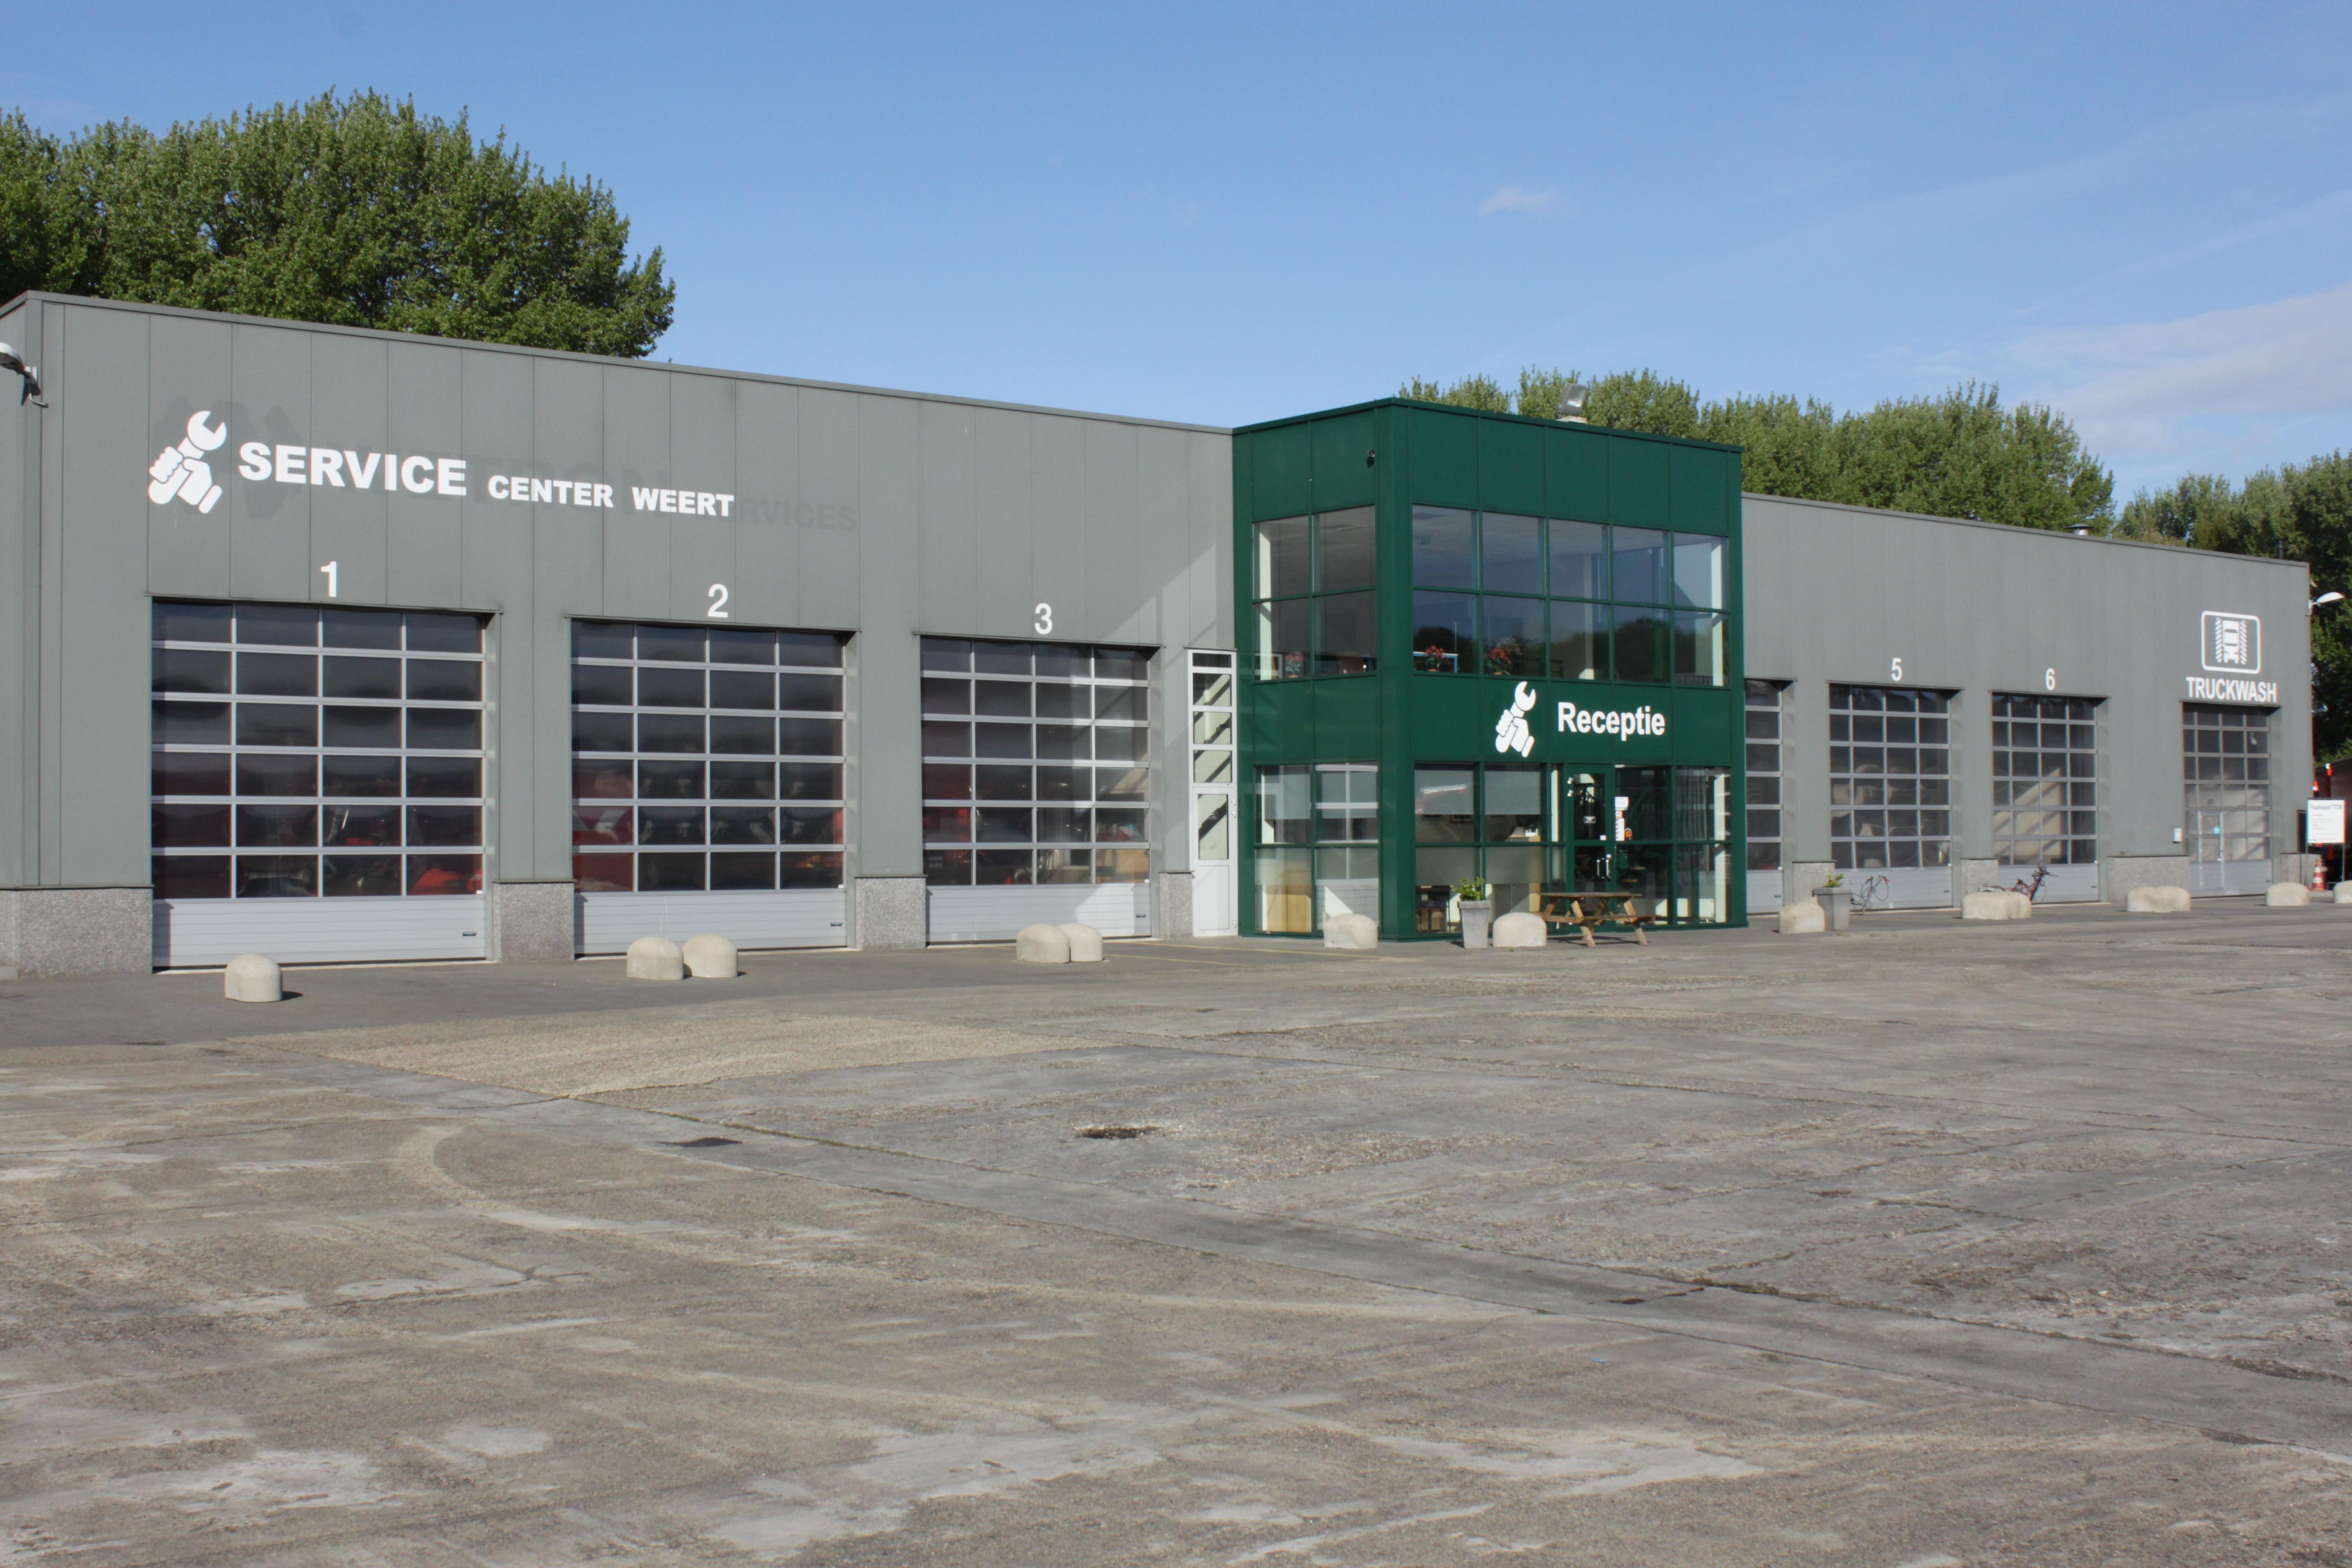 Service Center Weert